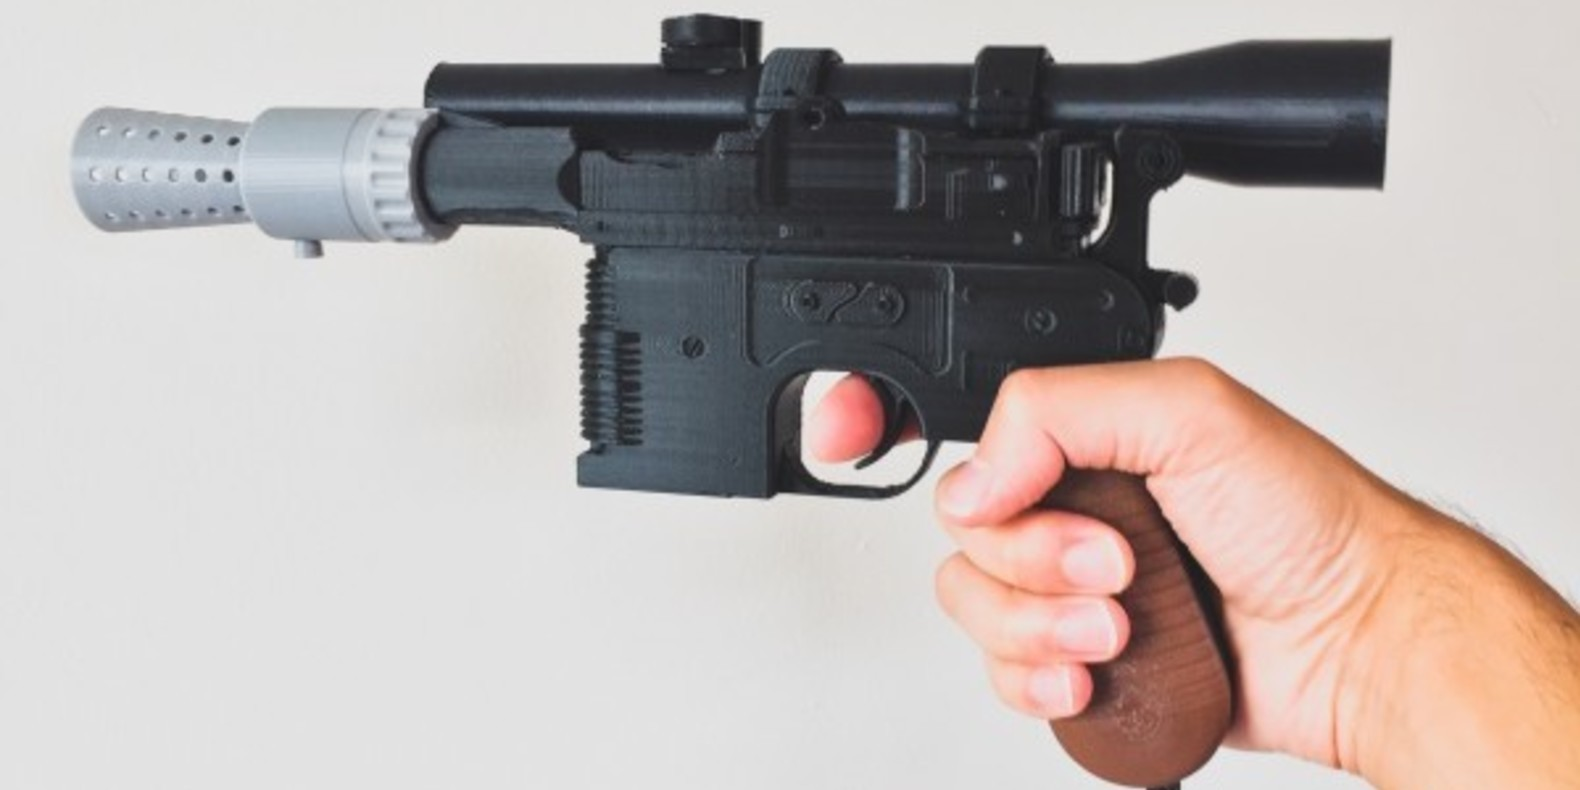 Le pistolet d'Han Solo fabriqué via l'impression 3D